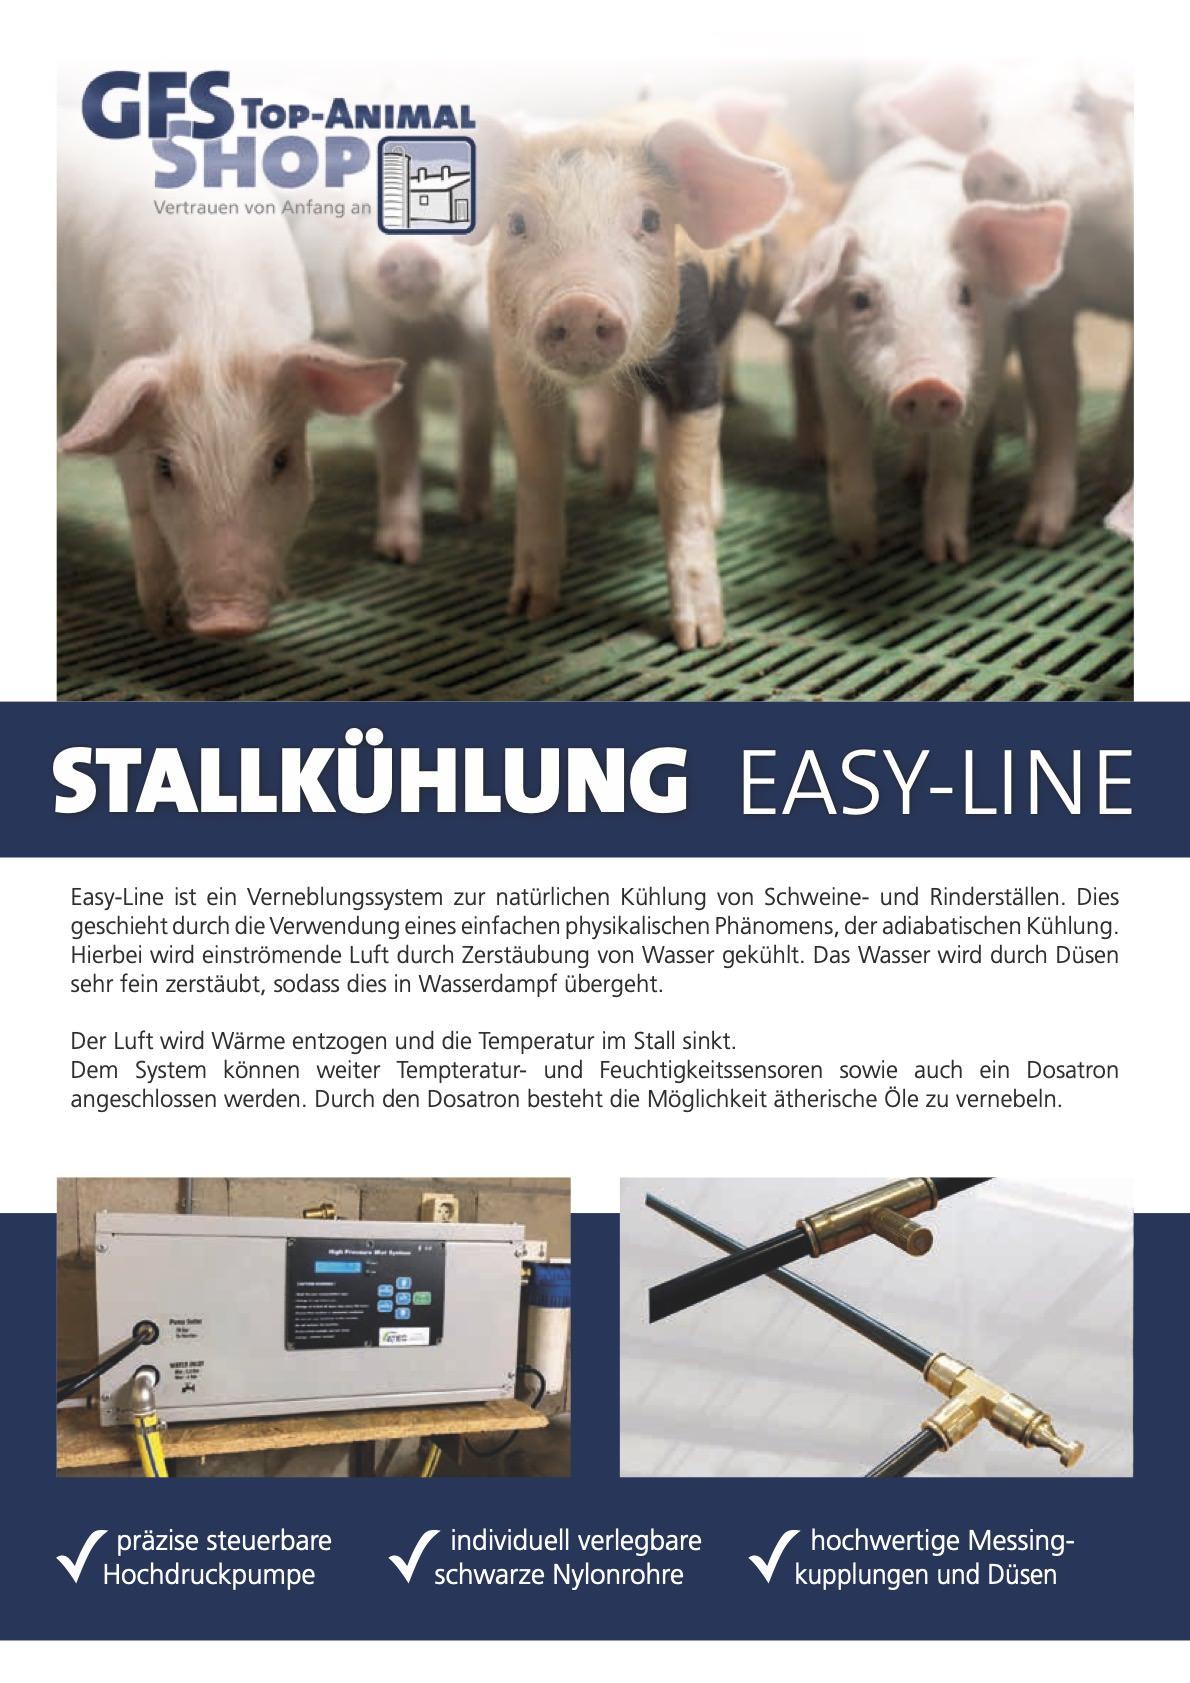 Stallkühlung Easy-Line Schwein